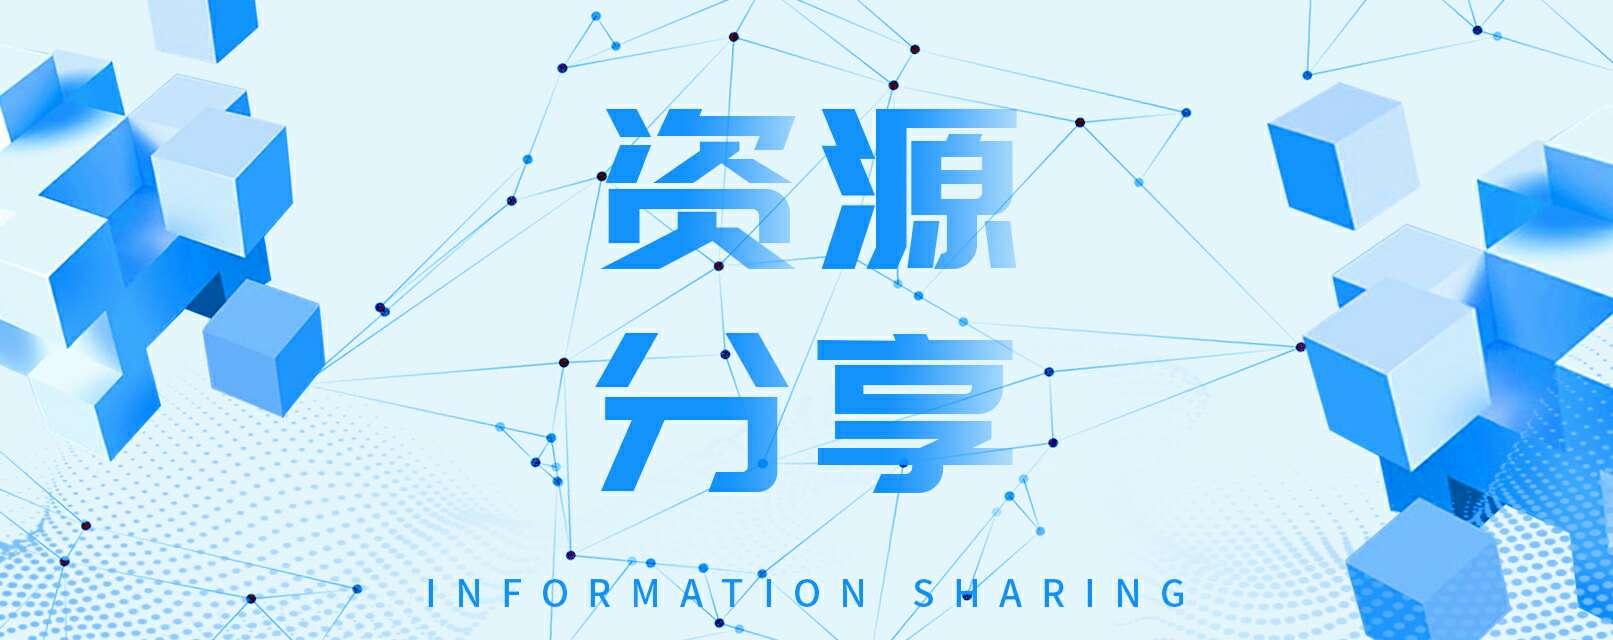 【资源分享】华为主题(纯粹脉轮版EMUI5.0/8.0)